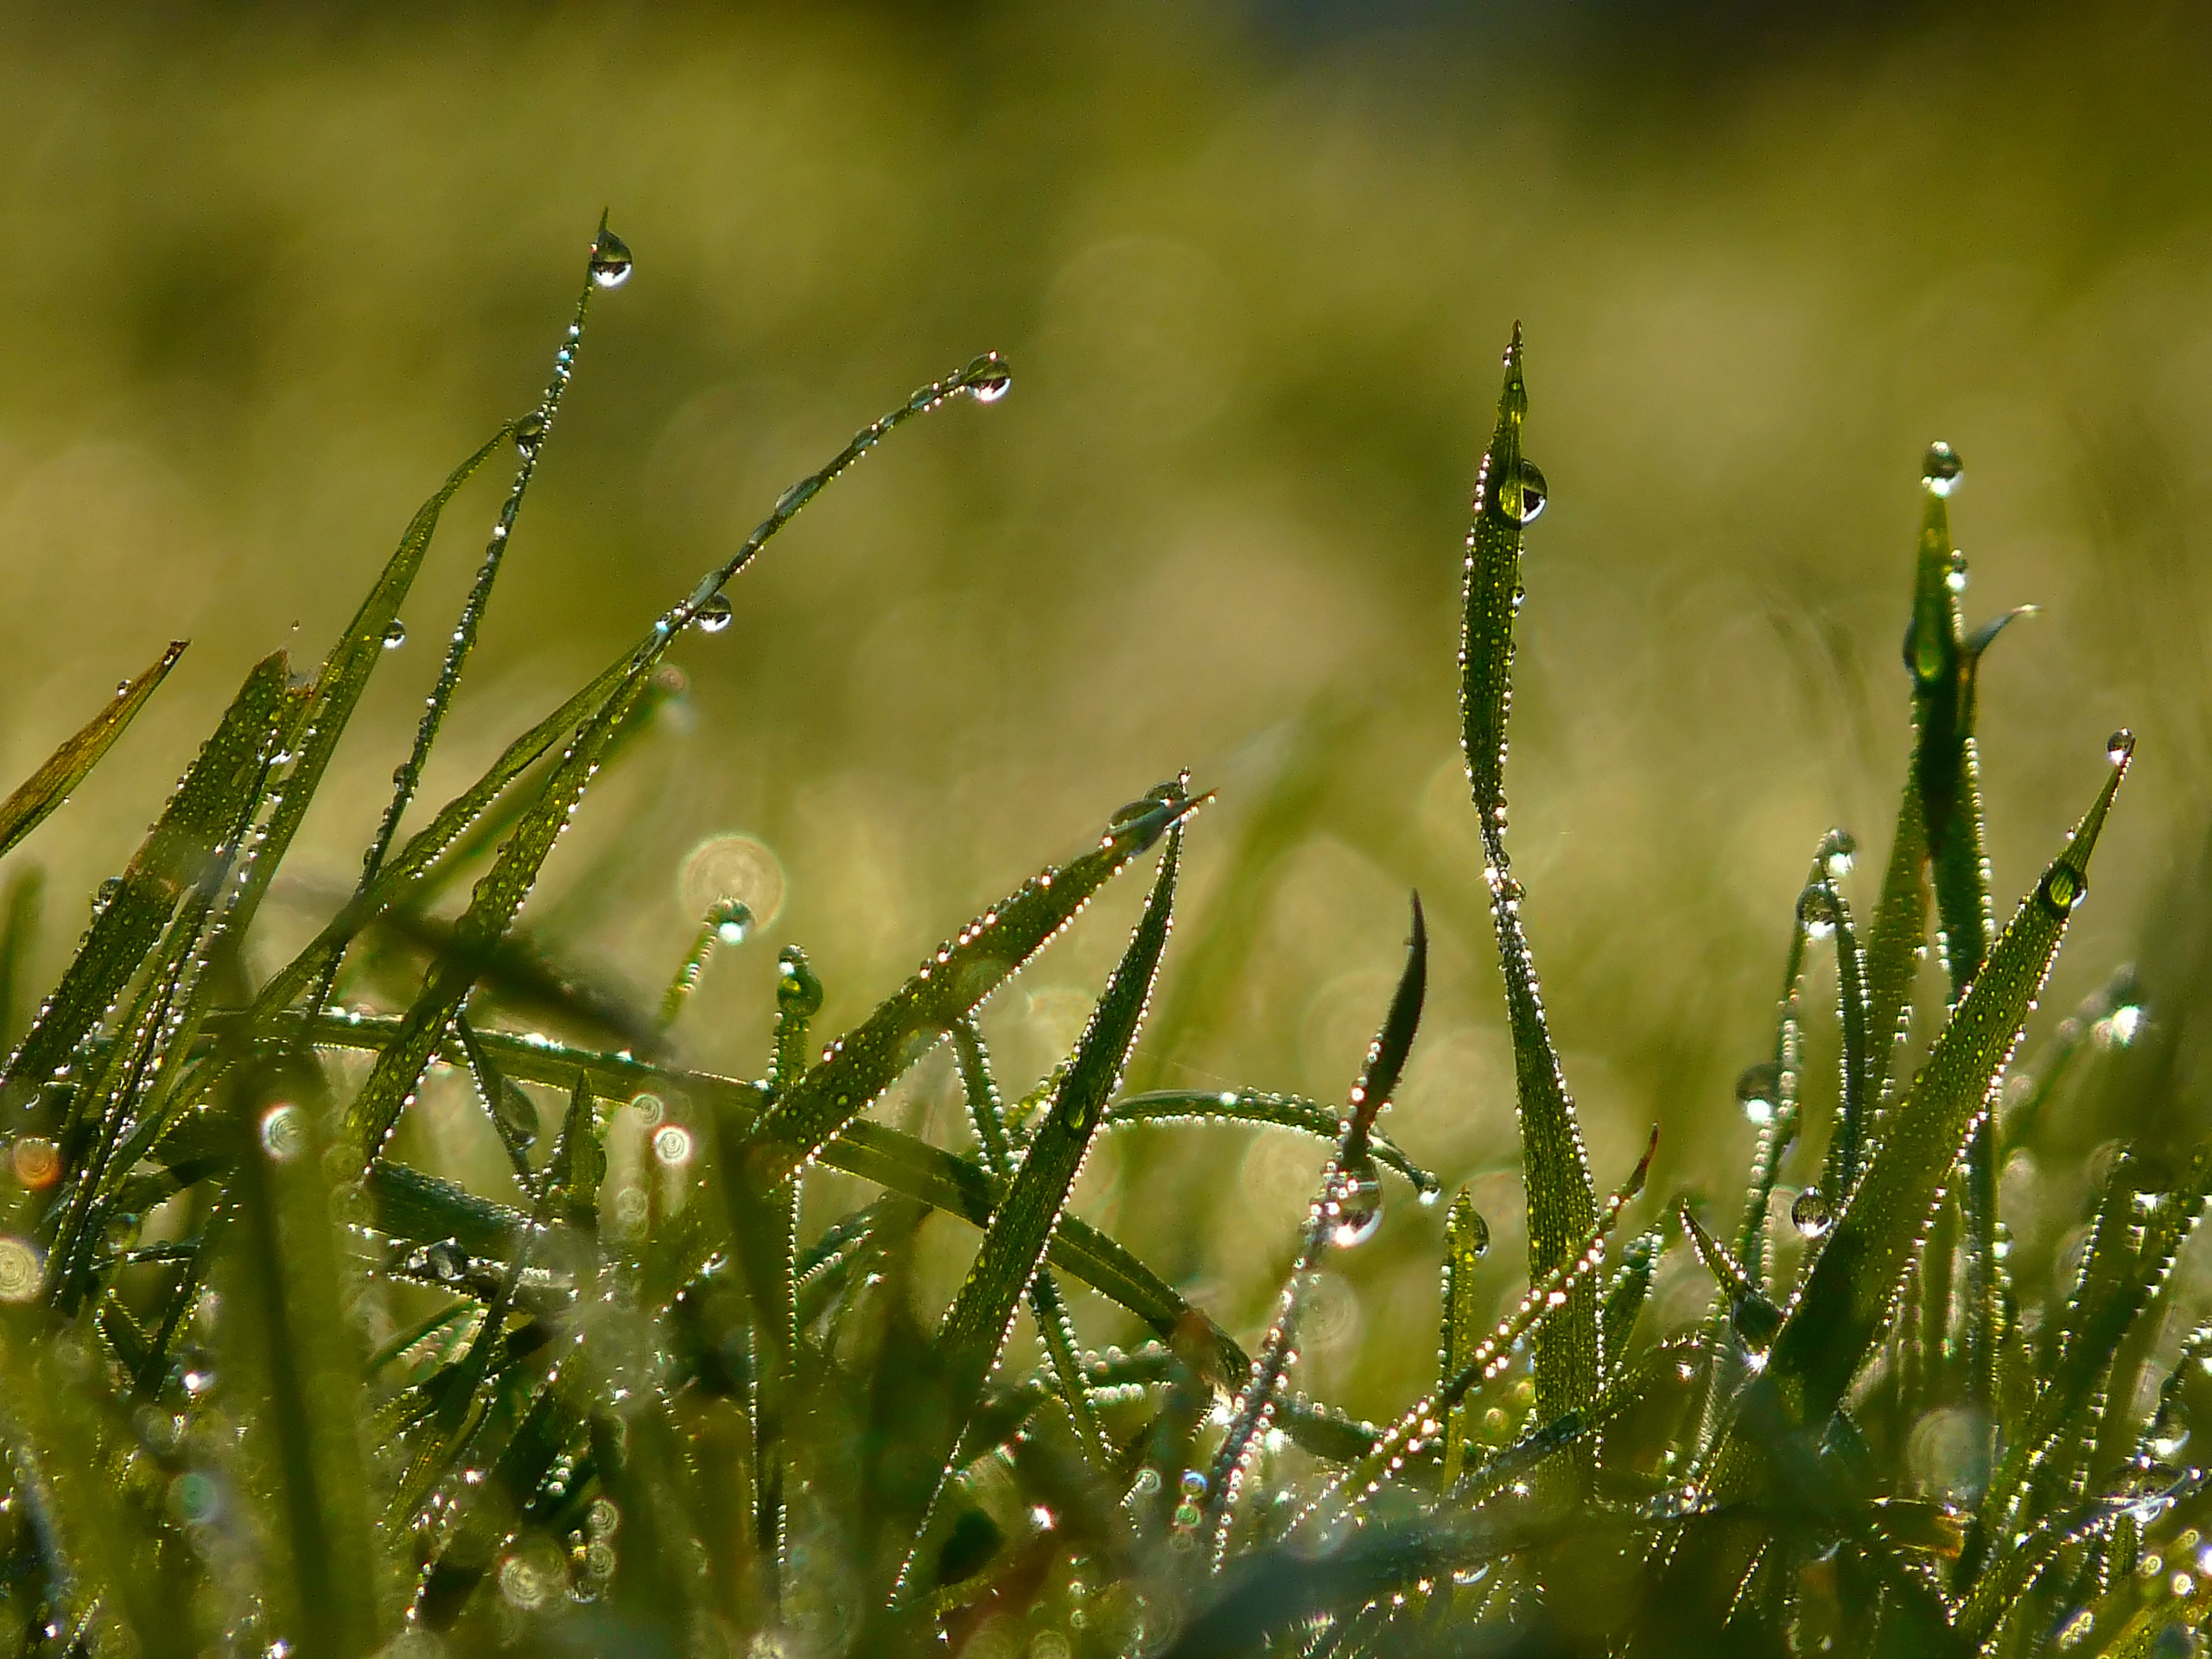 травинки капли скачать